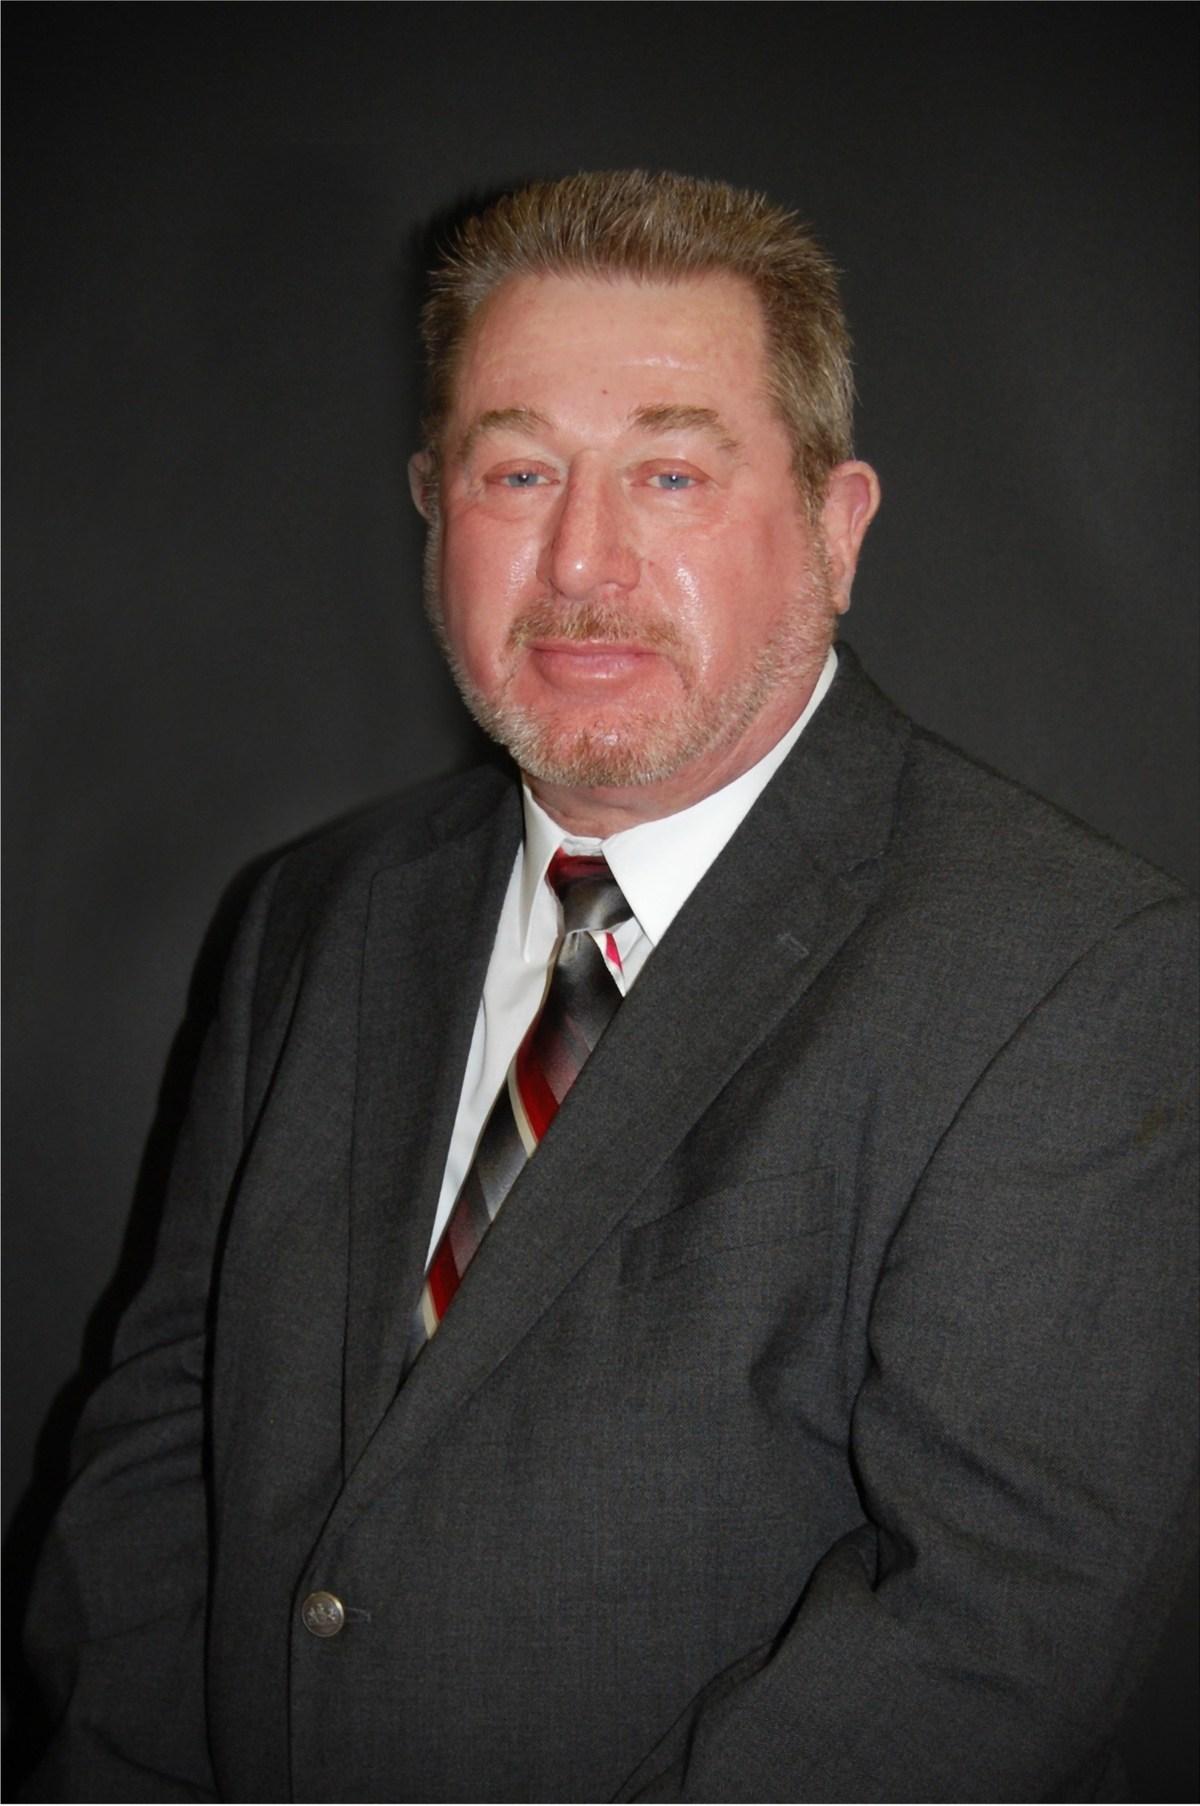 Jason Bouley School Board President